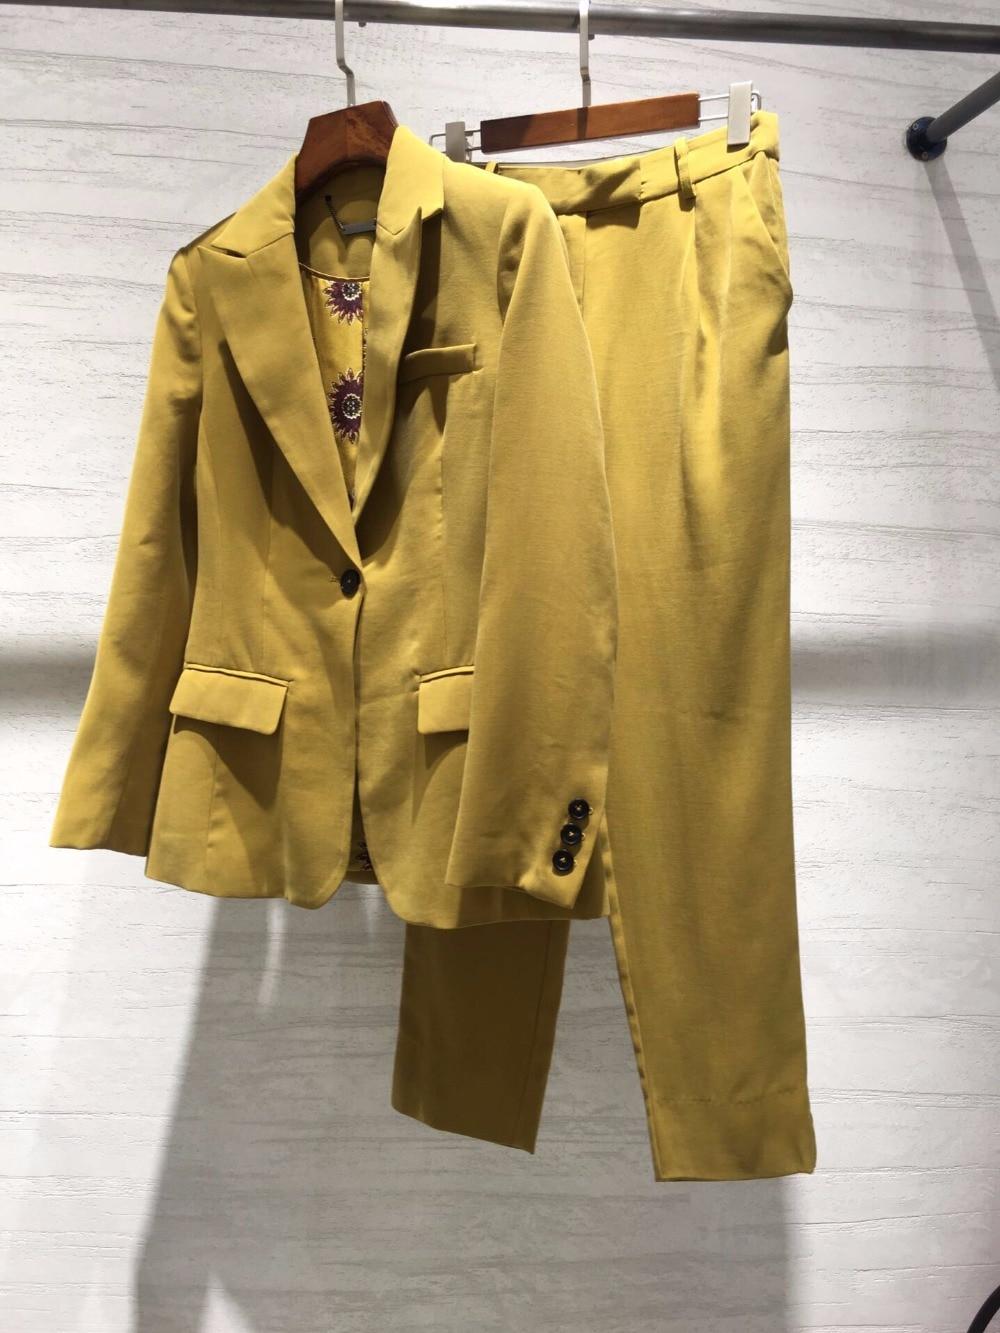 Pièce 2 Blazer Femmes Doublure Ddxgz3 Ensembles Imprime Pantalon Manteau 2019 Nouveau w8Aq0x